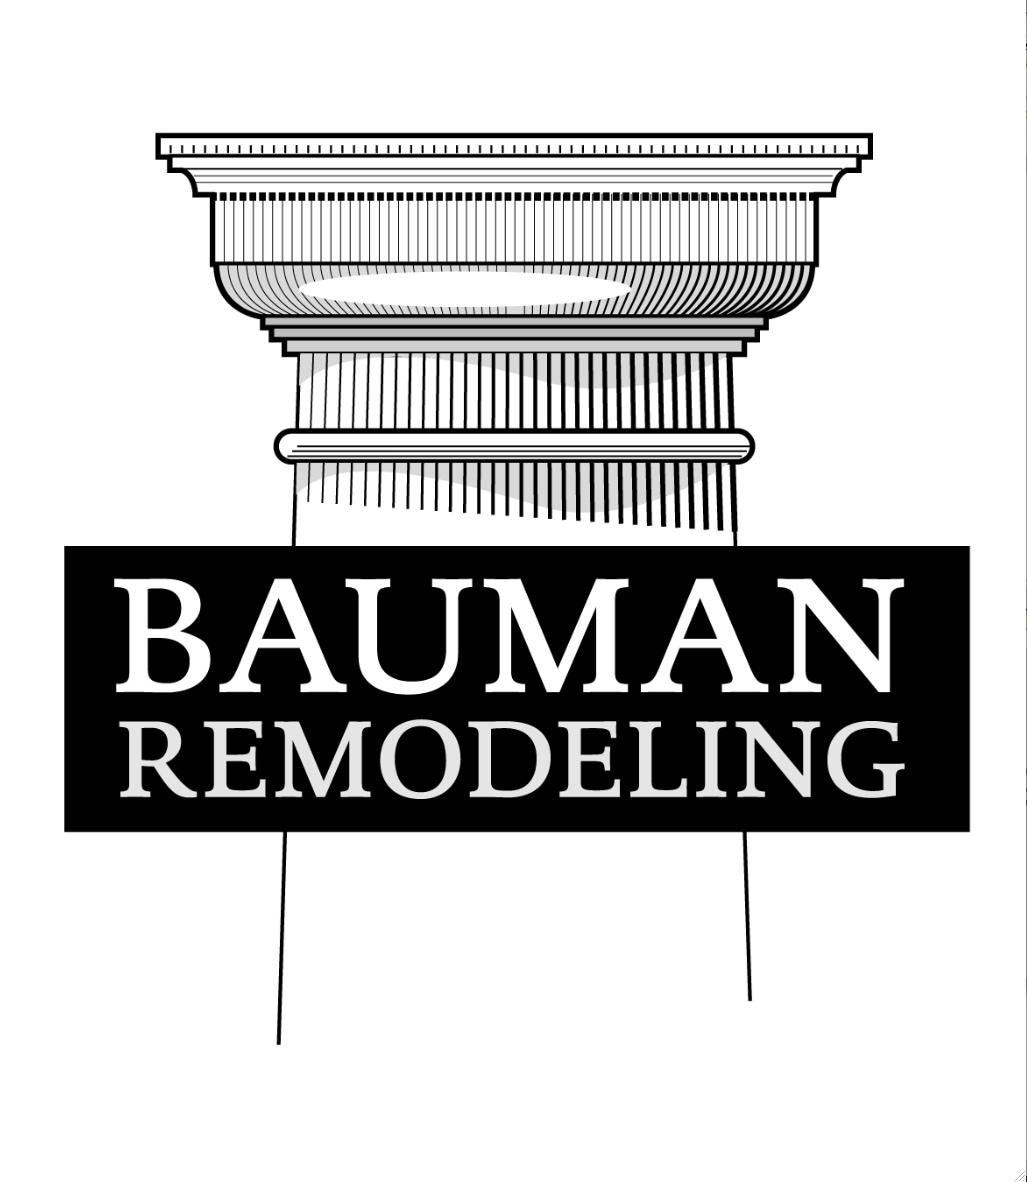 Bauman Remodeling